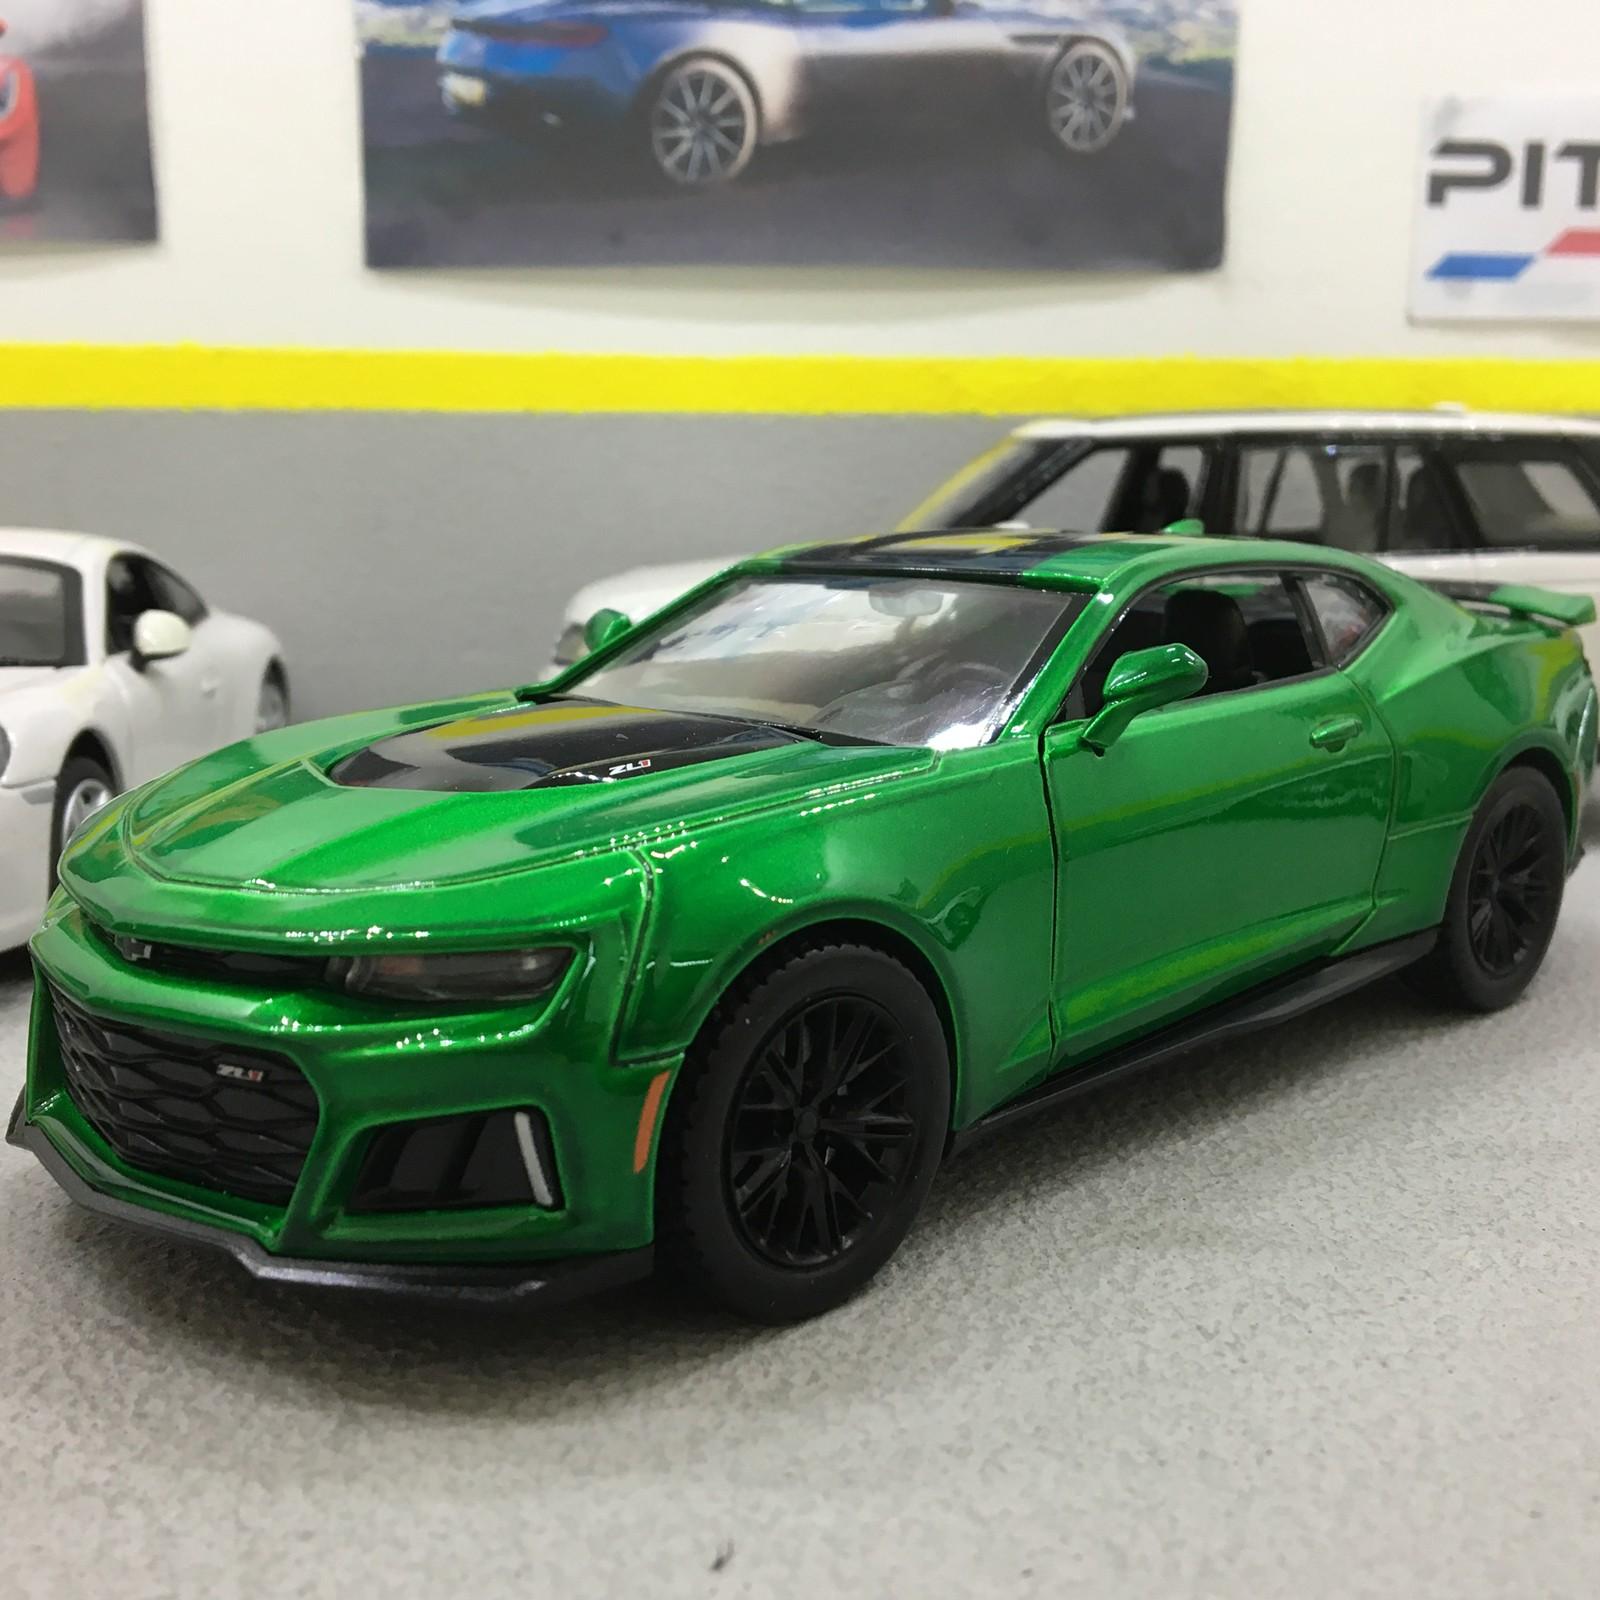 Chevrolet Camaro ZL1 2017 Green/Black 1:24 Scale Die-Cast